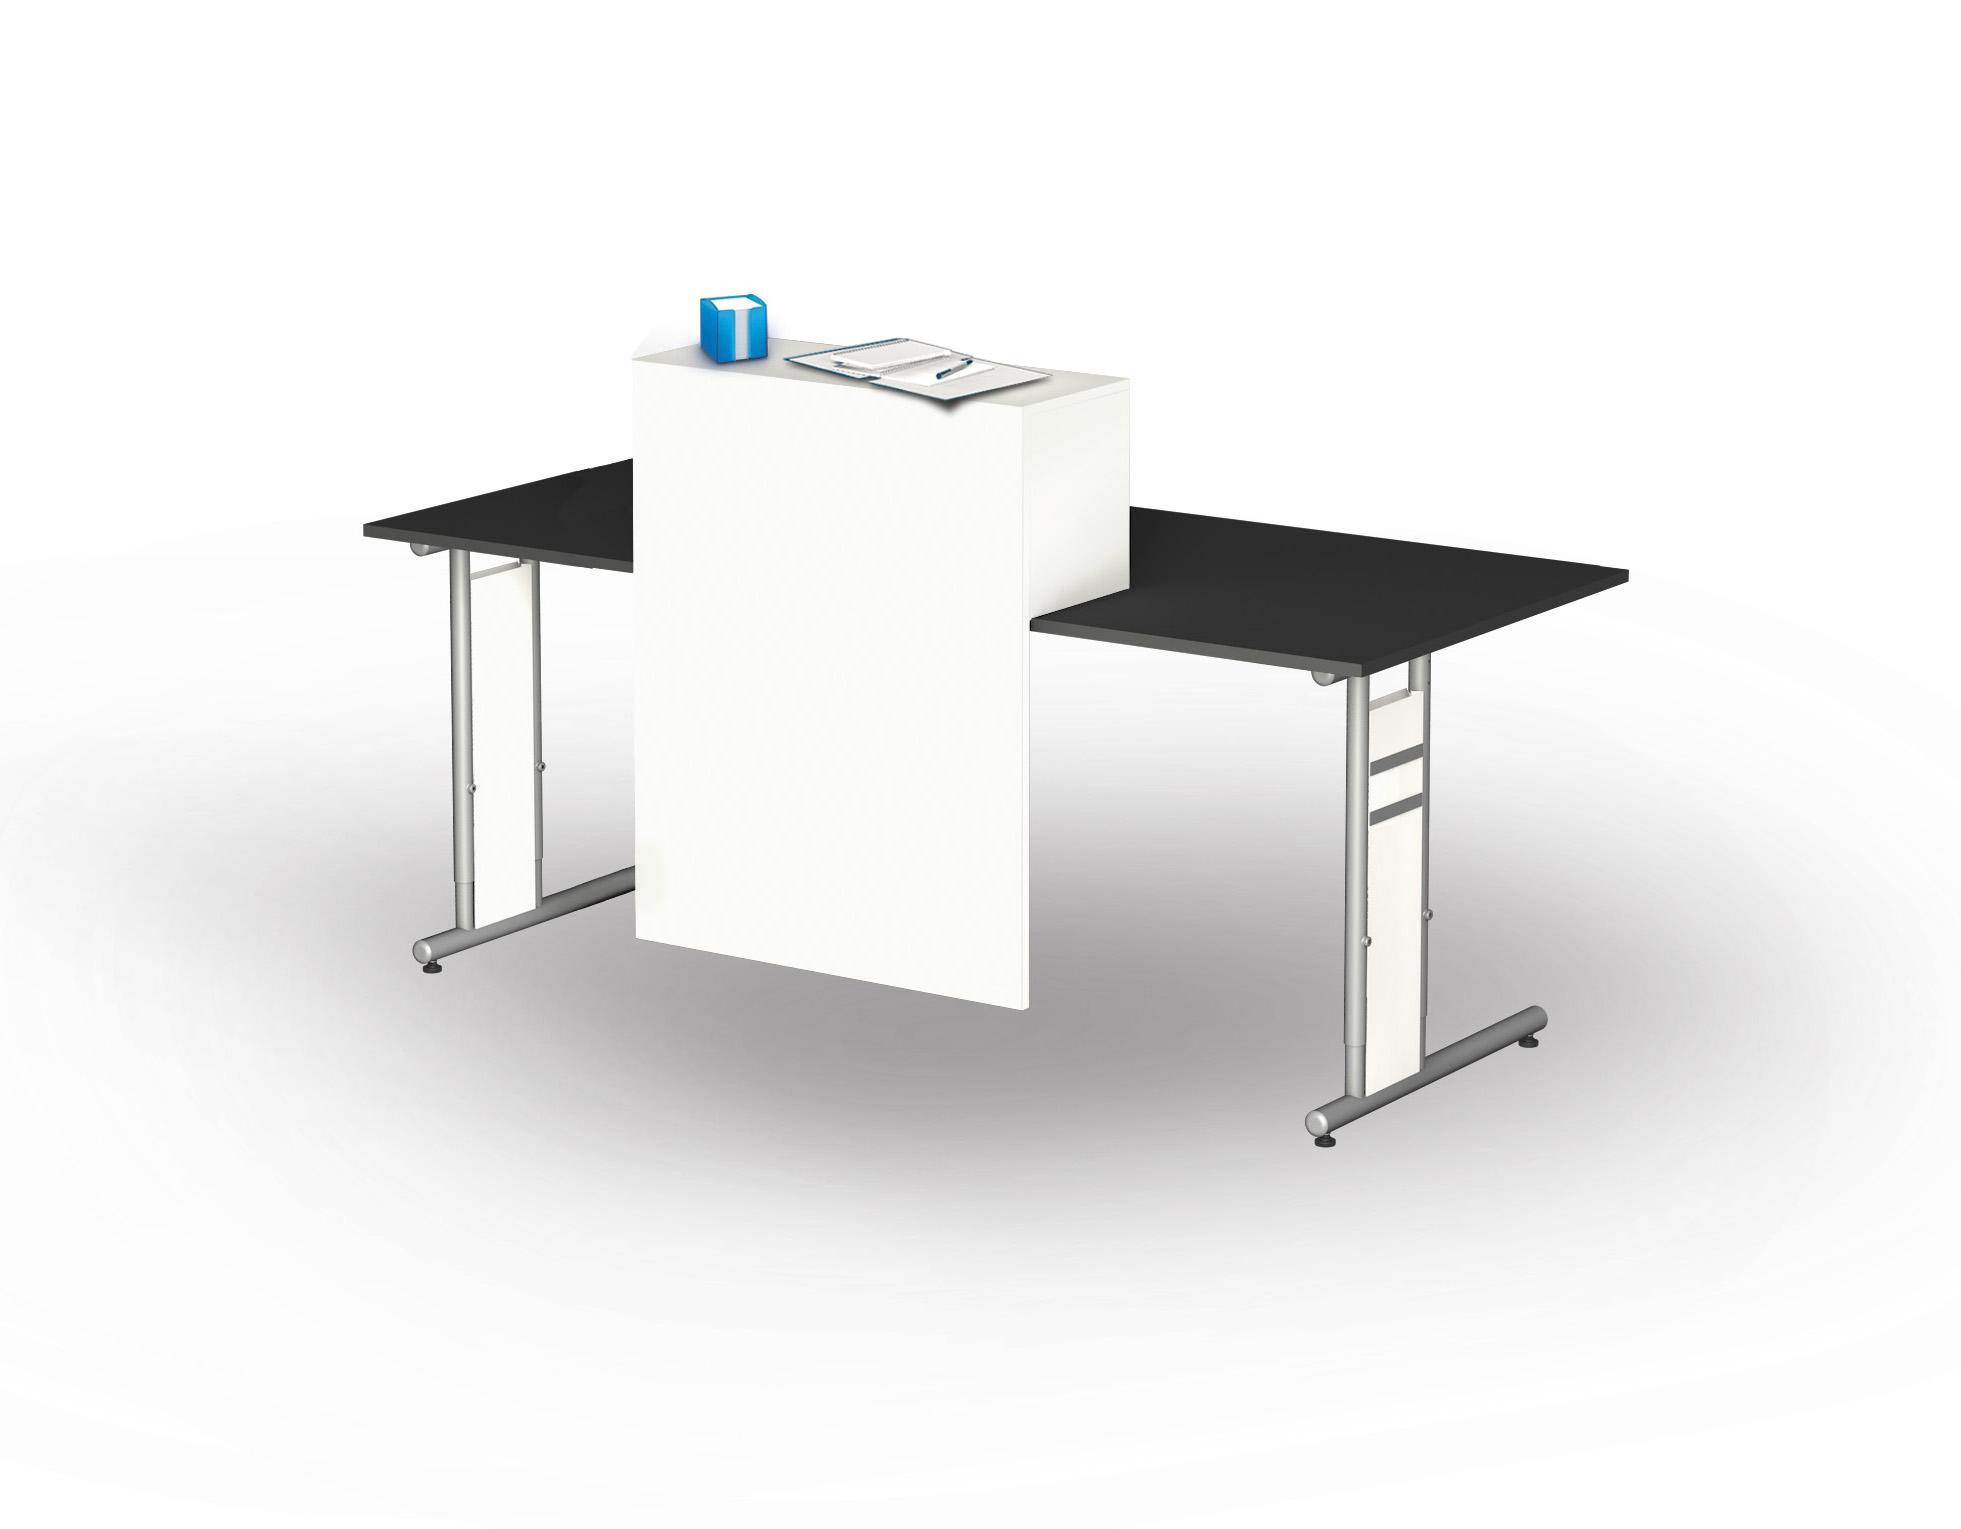 Büromöbel preiswert und schnell - Kerkmann Sichtschutz mit ...